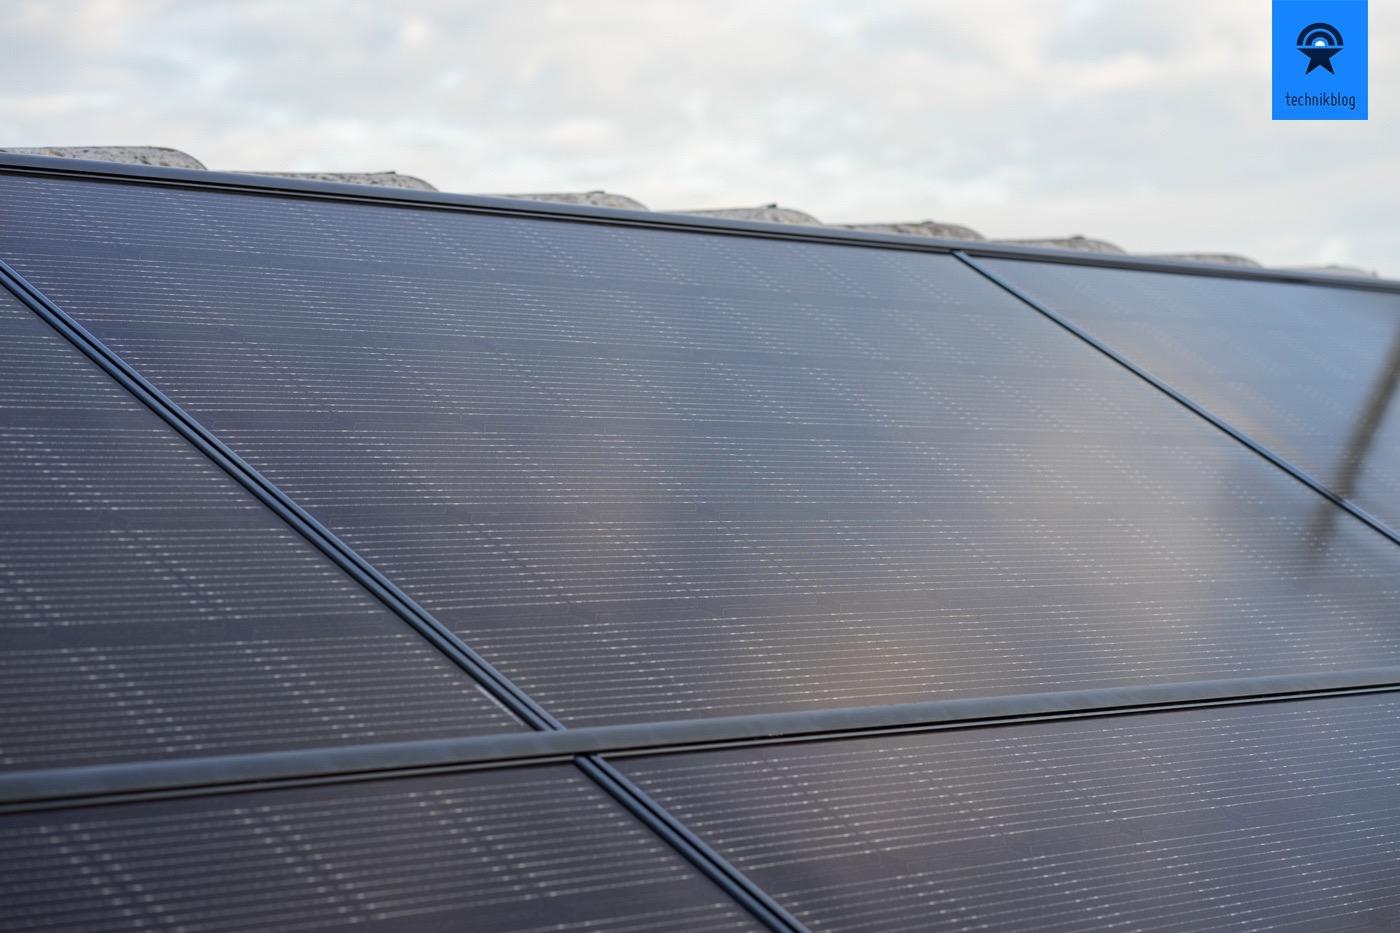 Meine Photovoltaik-Anlage auf dem Dach